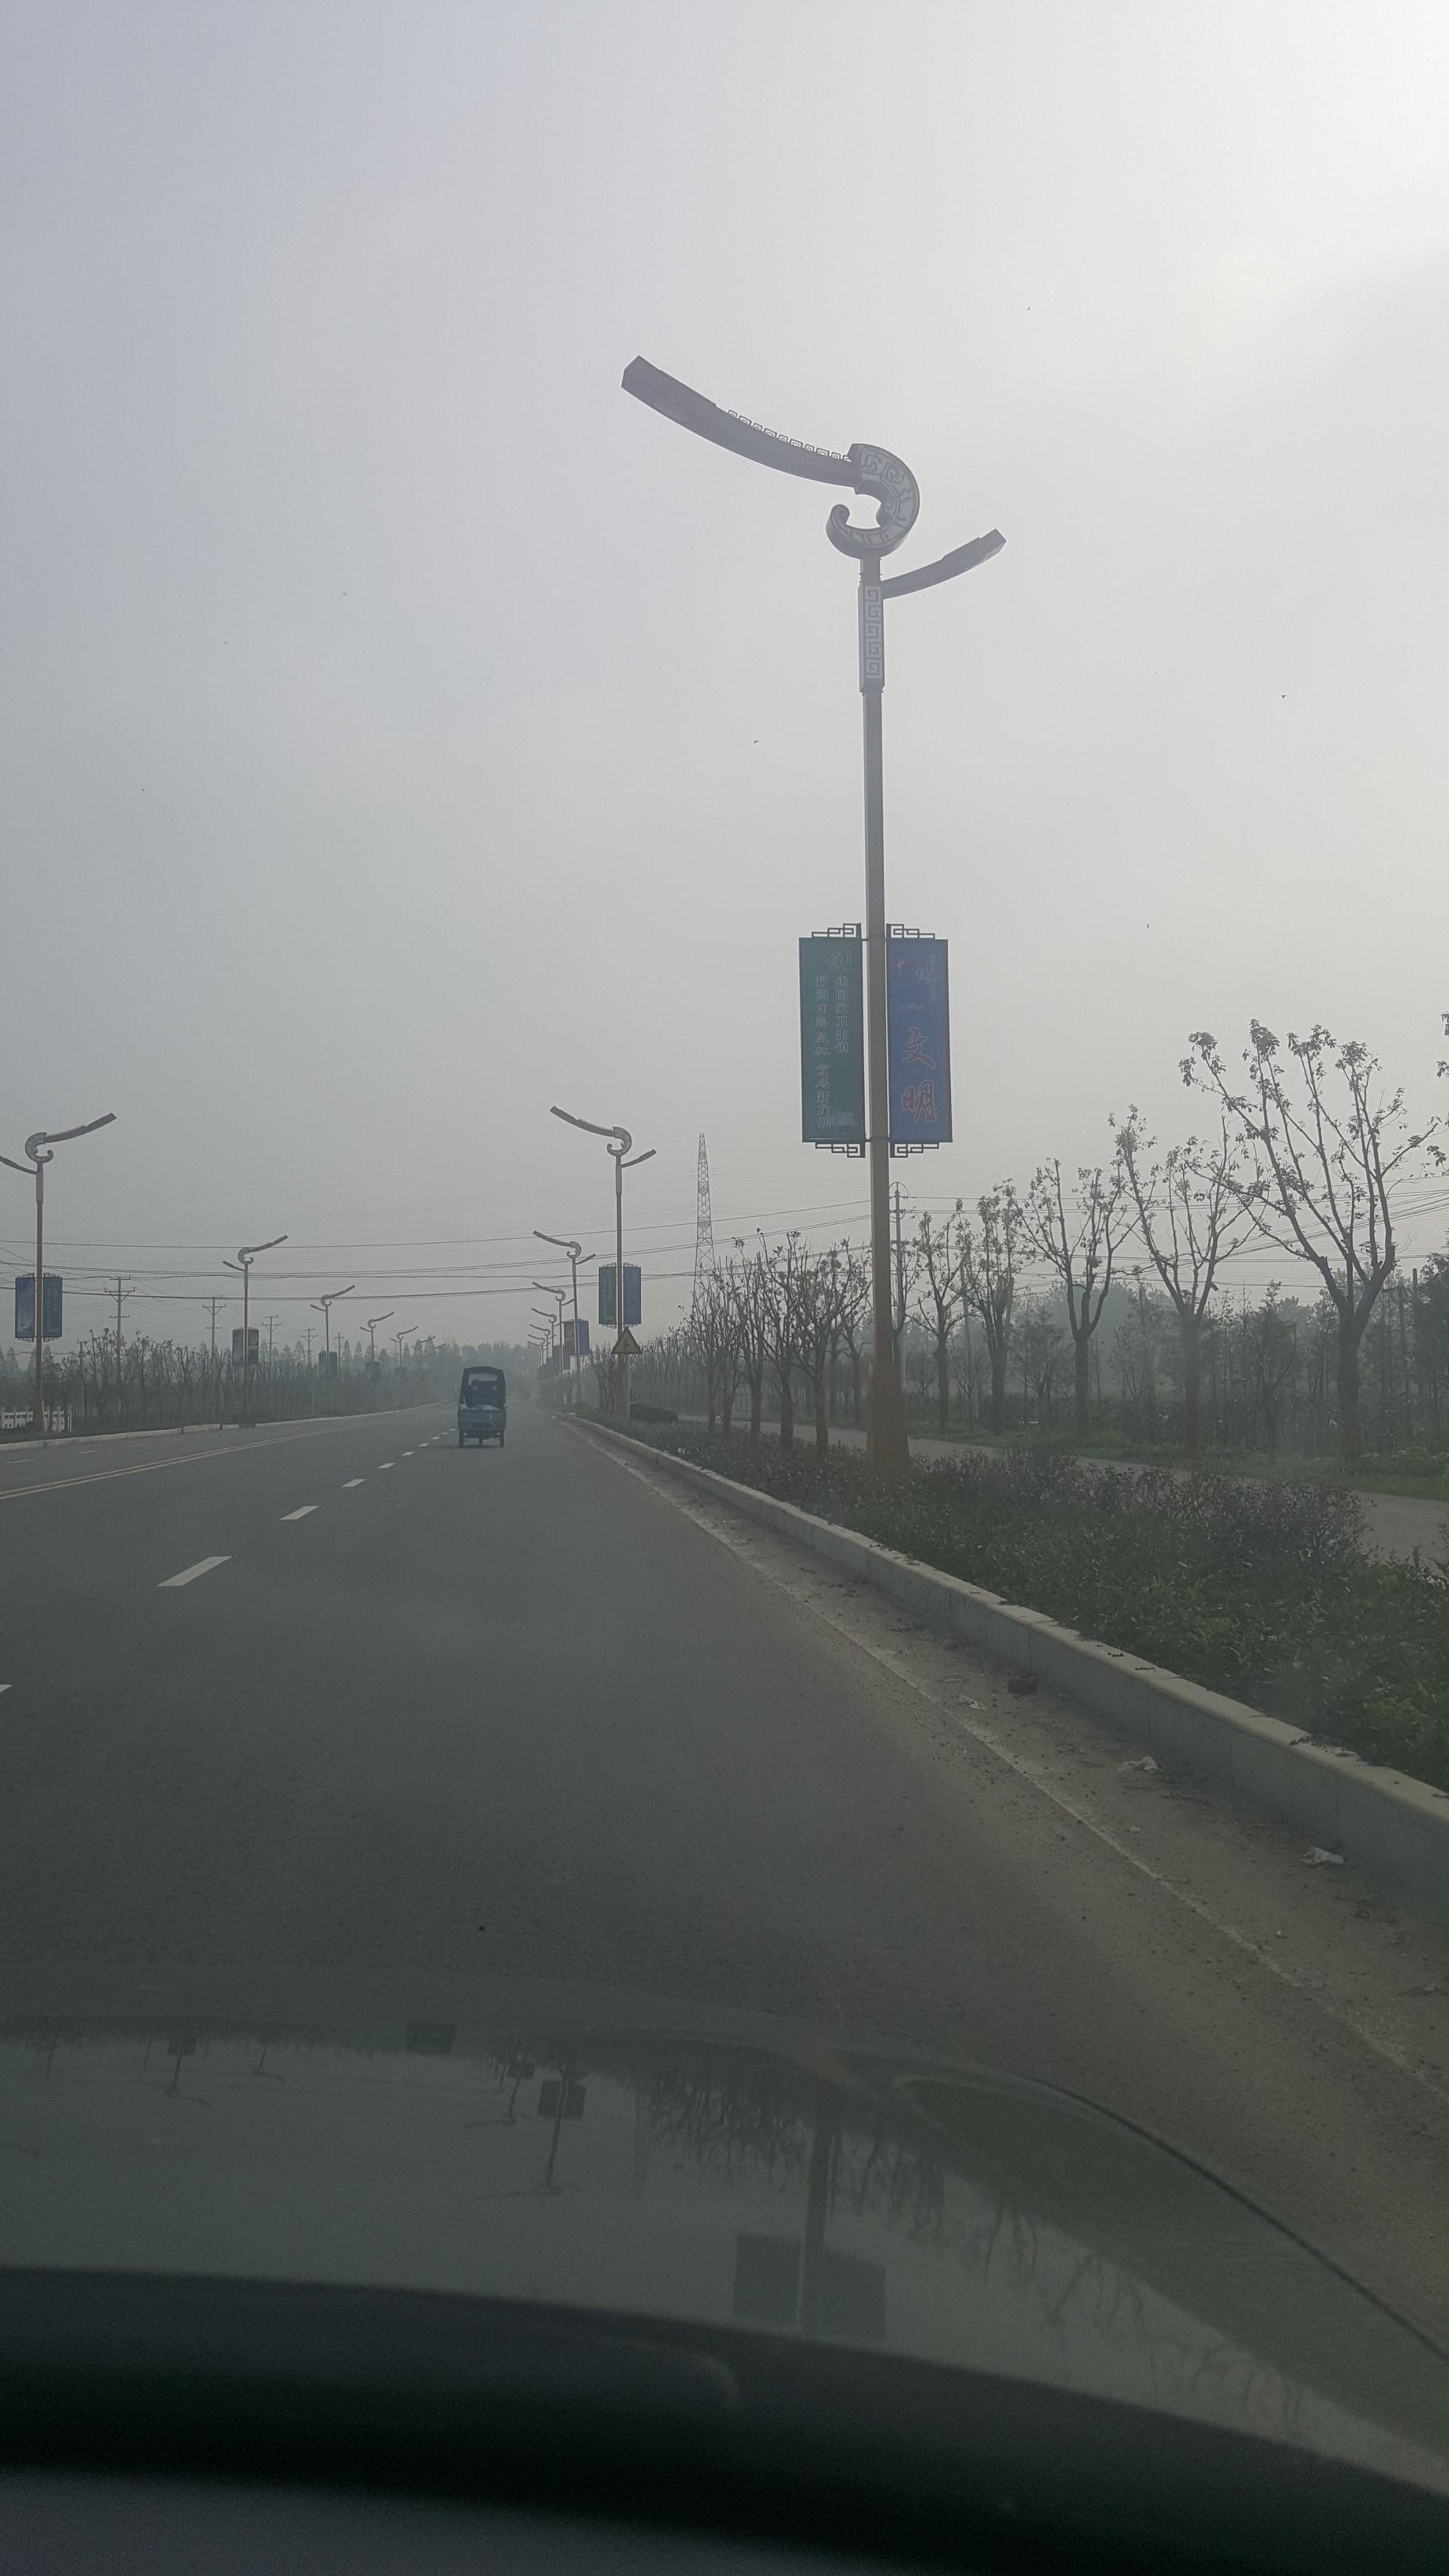 新疆地窝堡机场.jpg